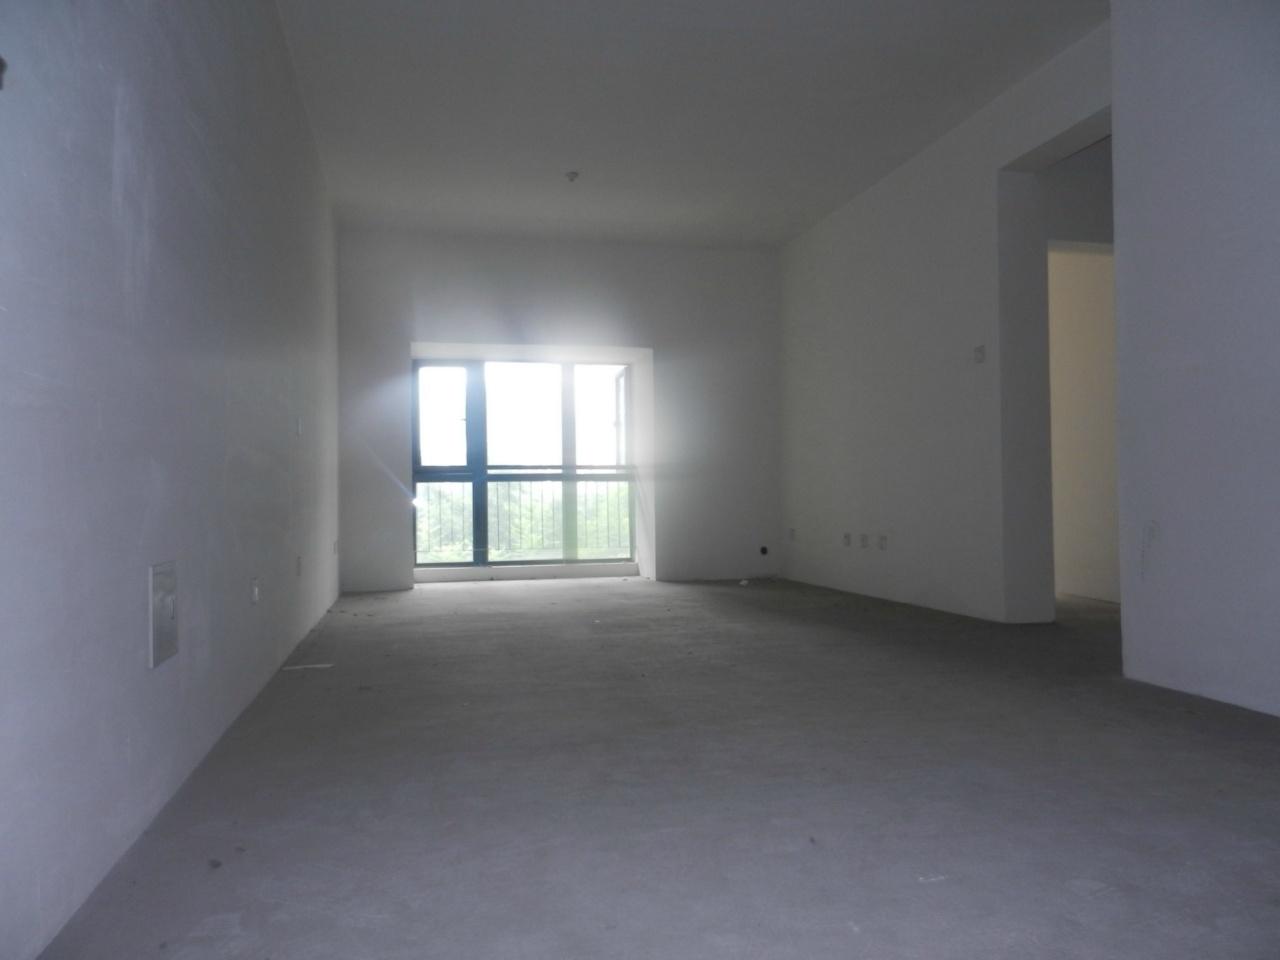 怎样收楼比较好?收房的注意事项有哪些?